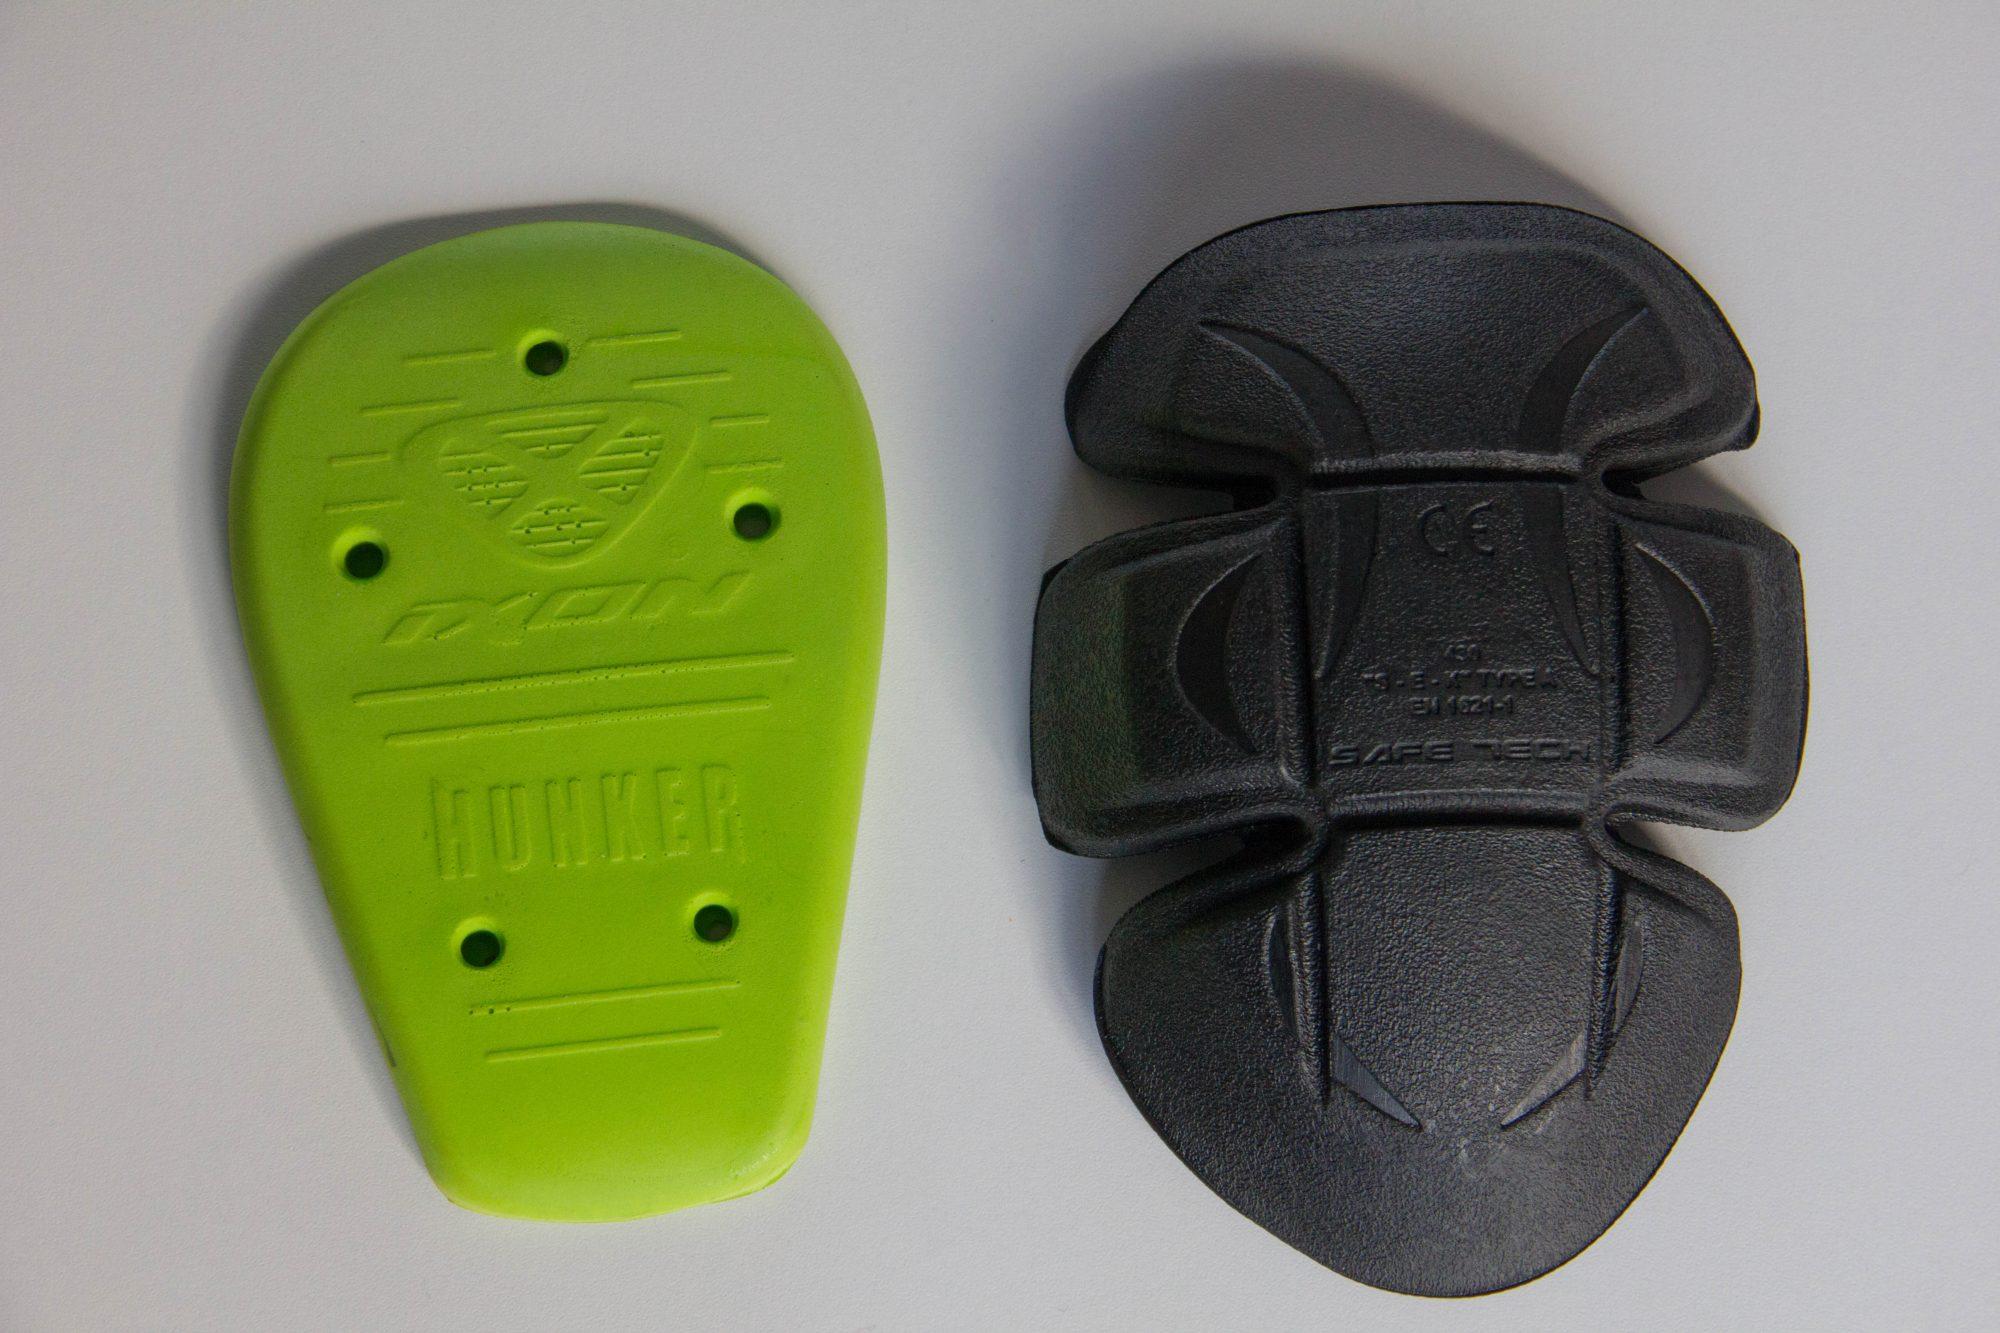 À gauche la protection de hanche et à droite une protection de genou